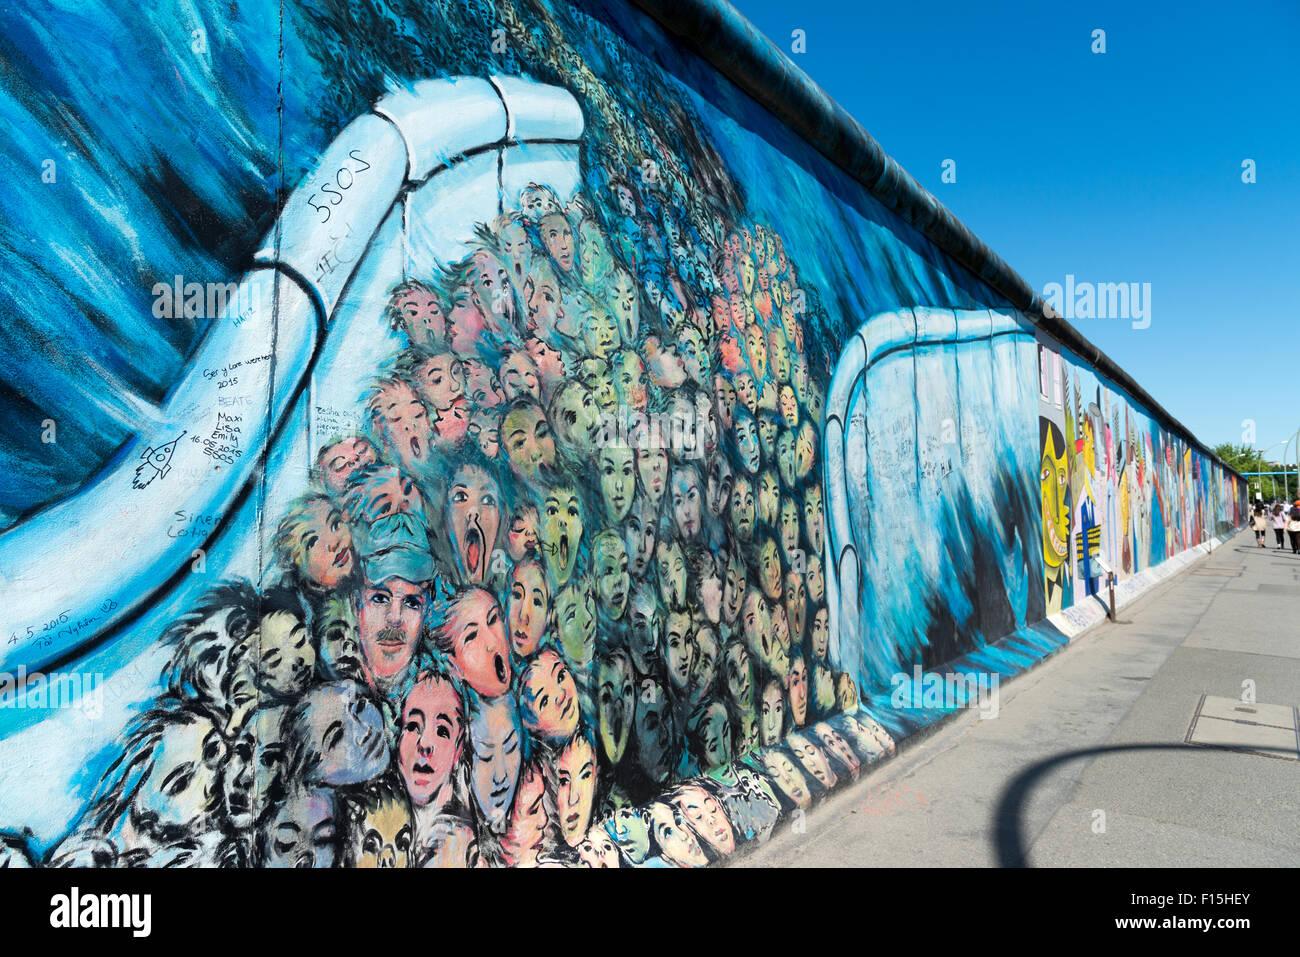 La East Side Gallery del Muro de Berlín, Berlín, Alemania Imagen De Stock